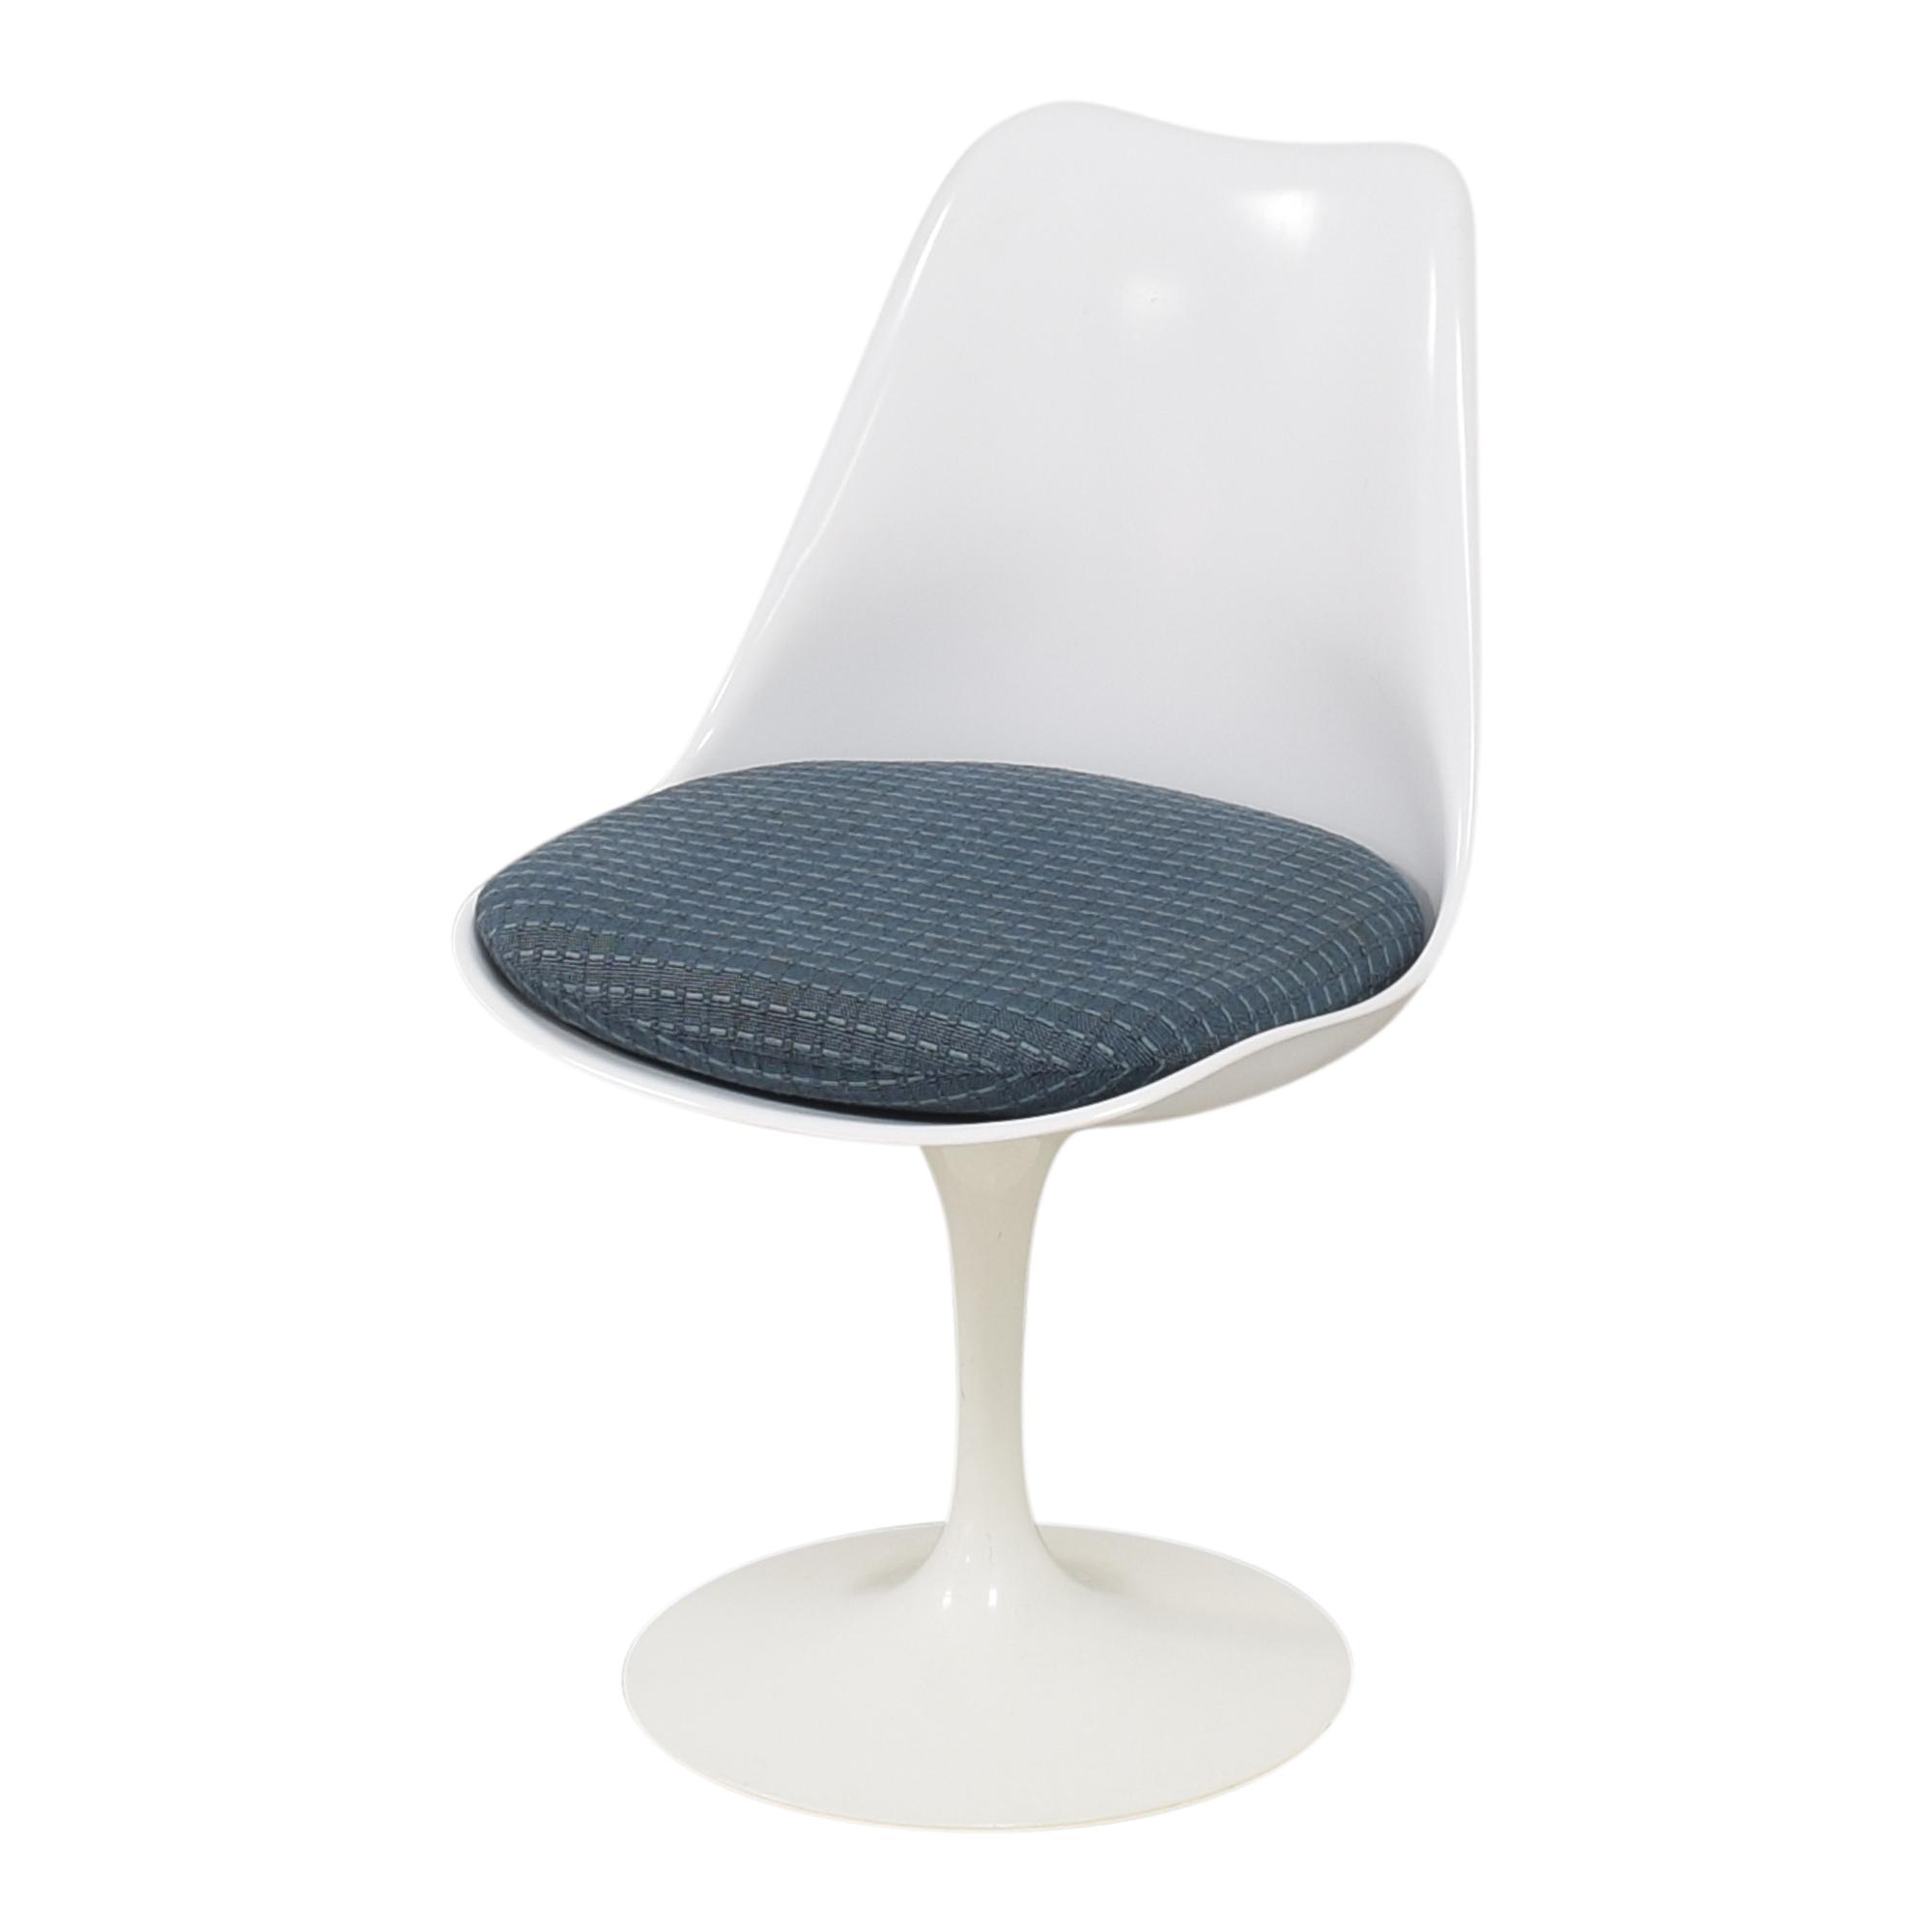 Knoll Knoll Tulip Eero Saarinen Chair second hand